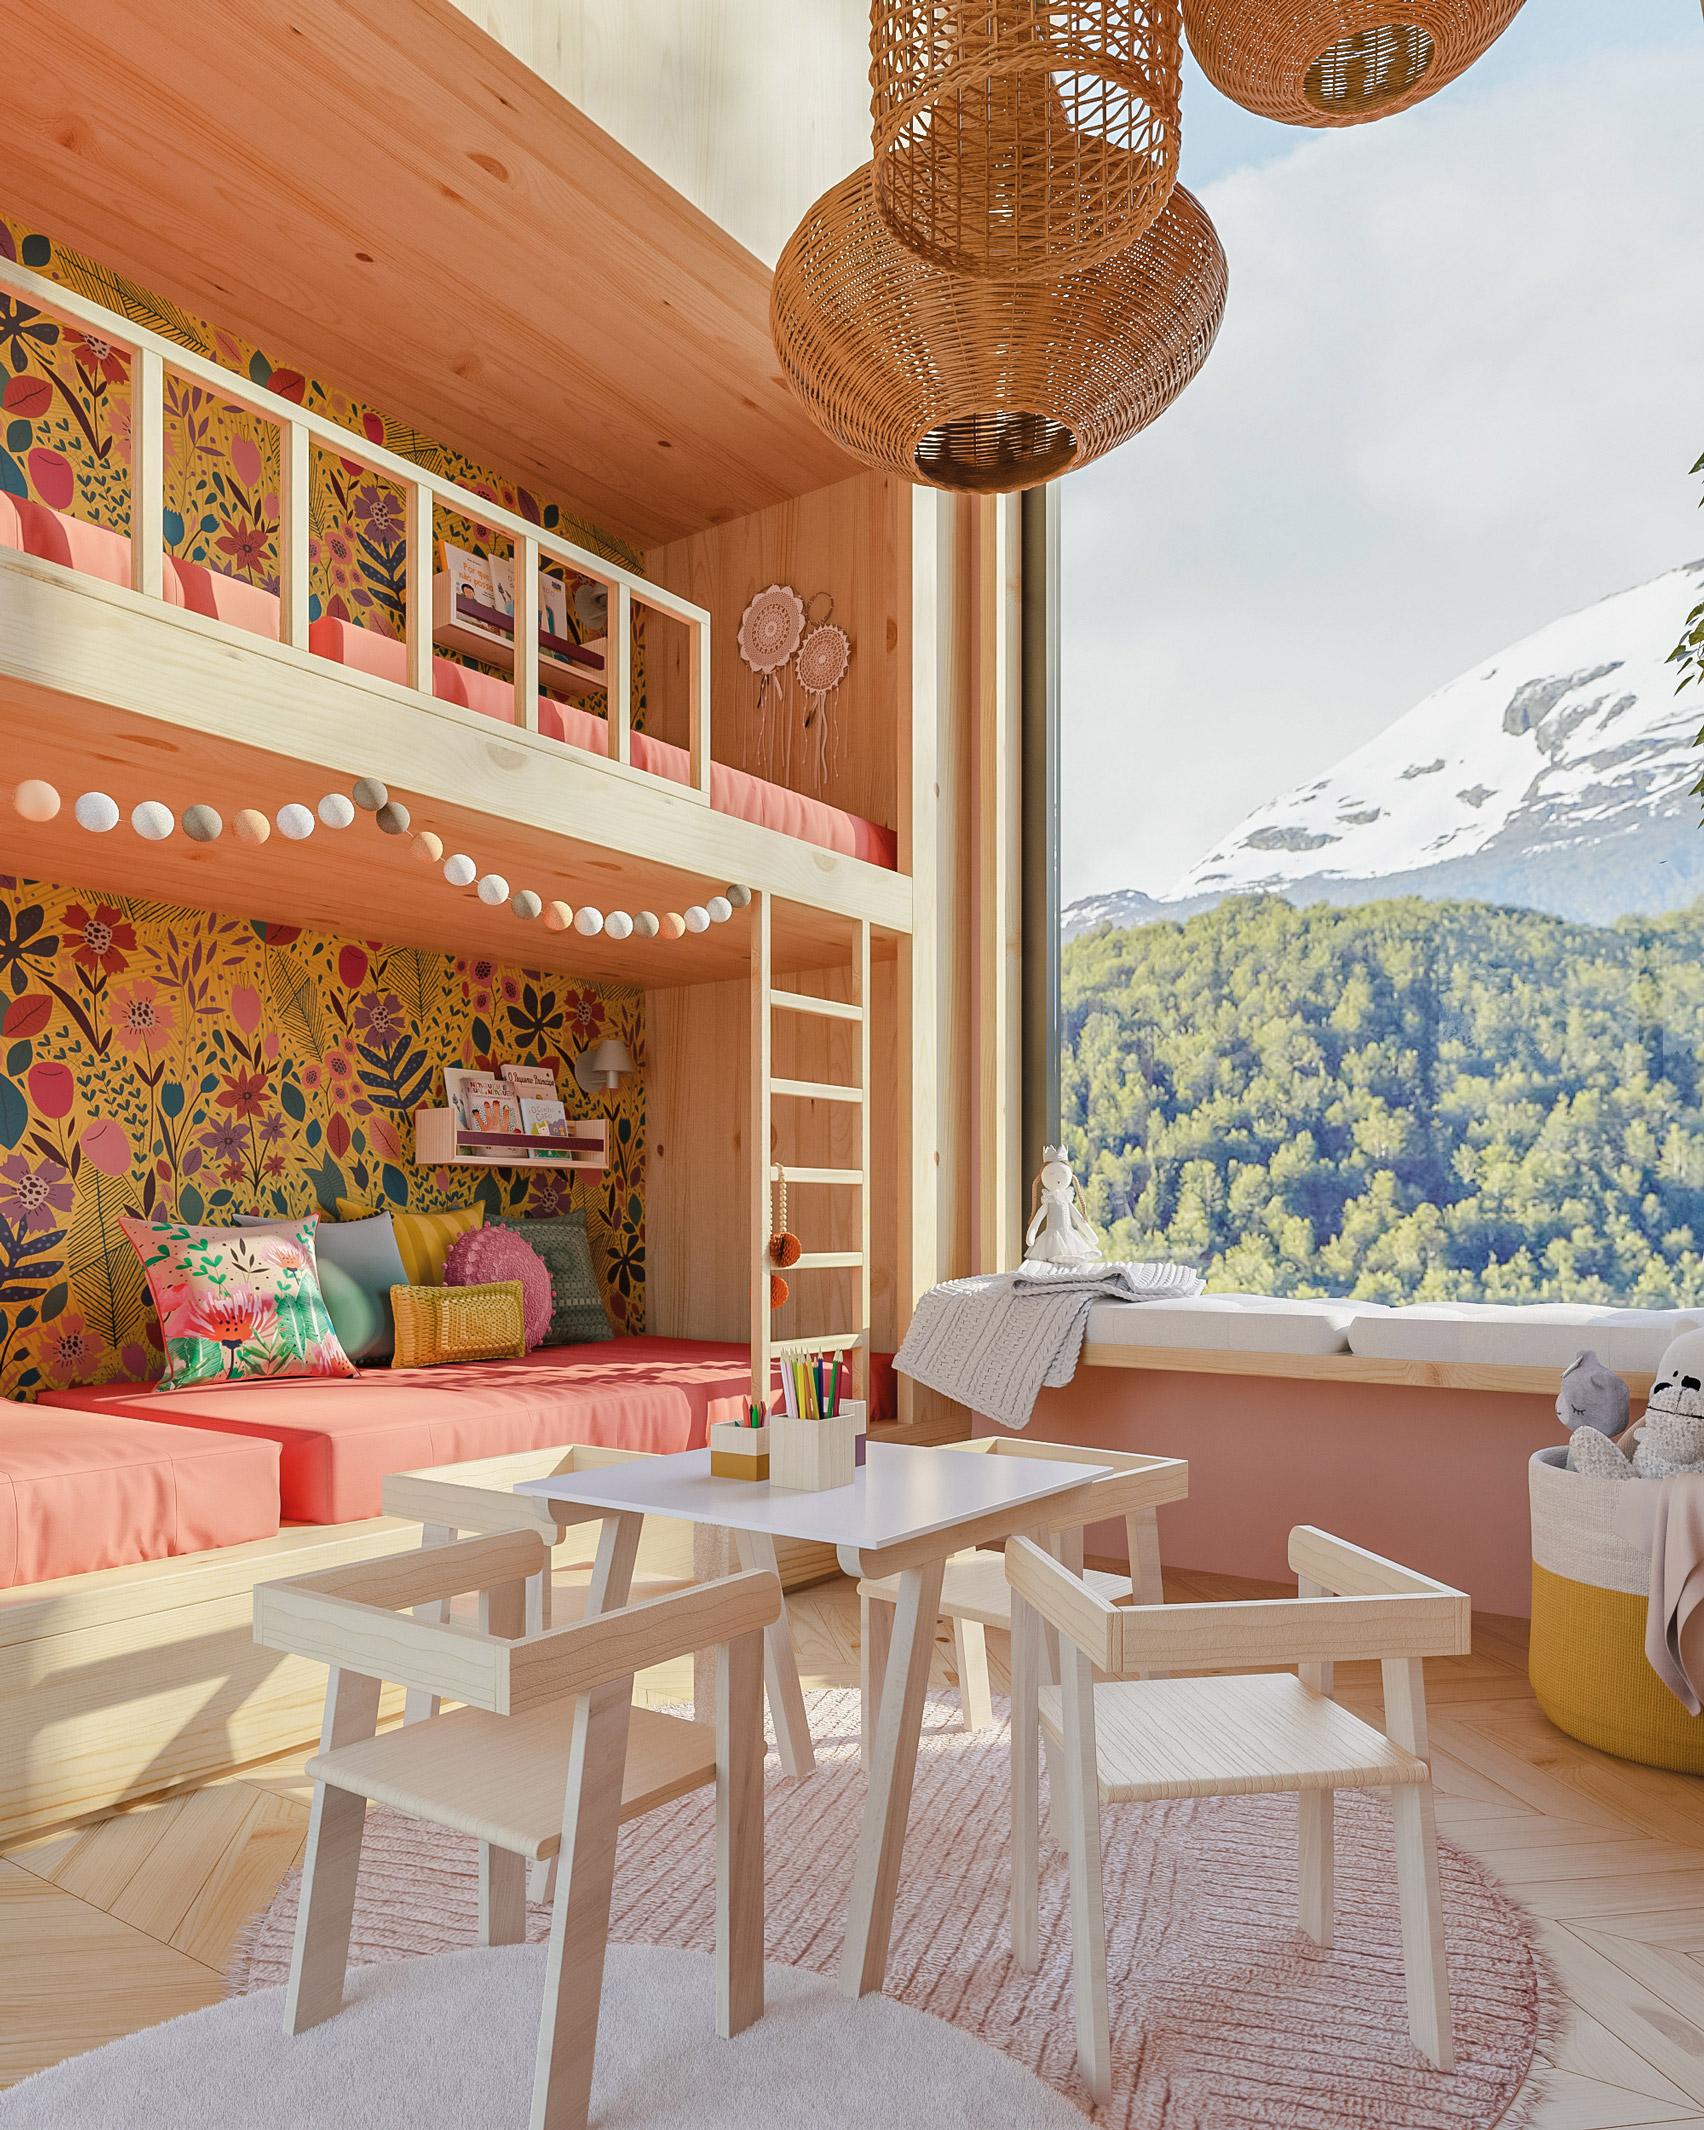 Renderings of a children's bedroom for exhibition Casa NaToca